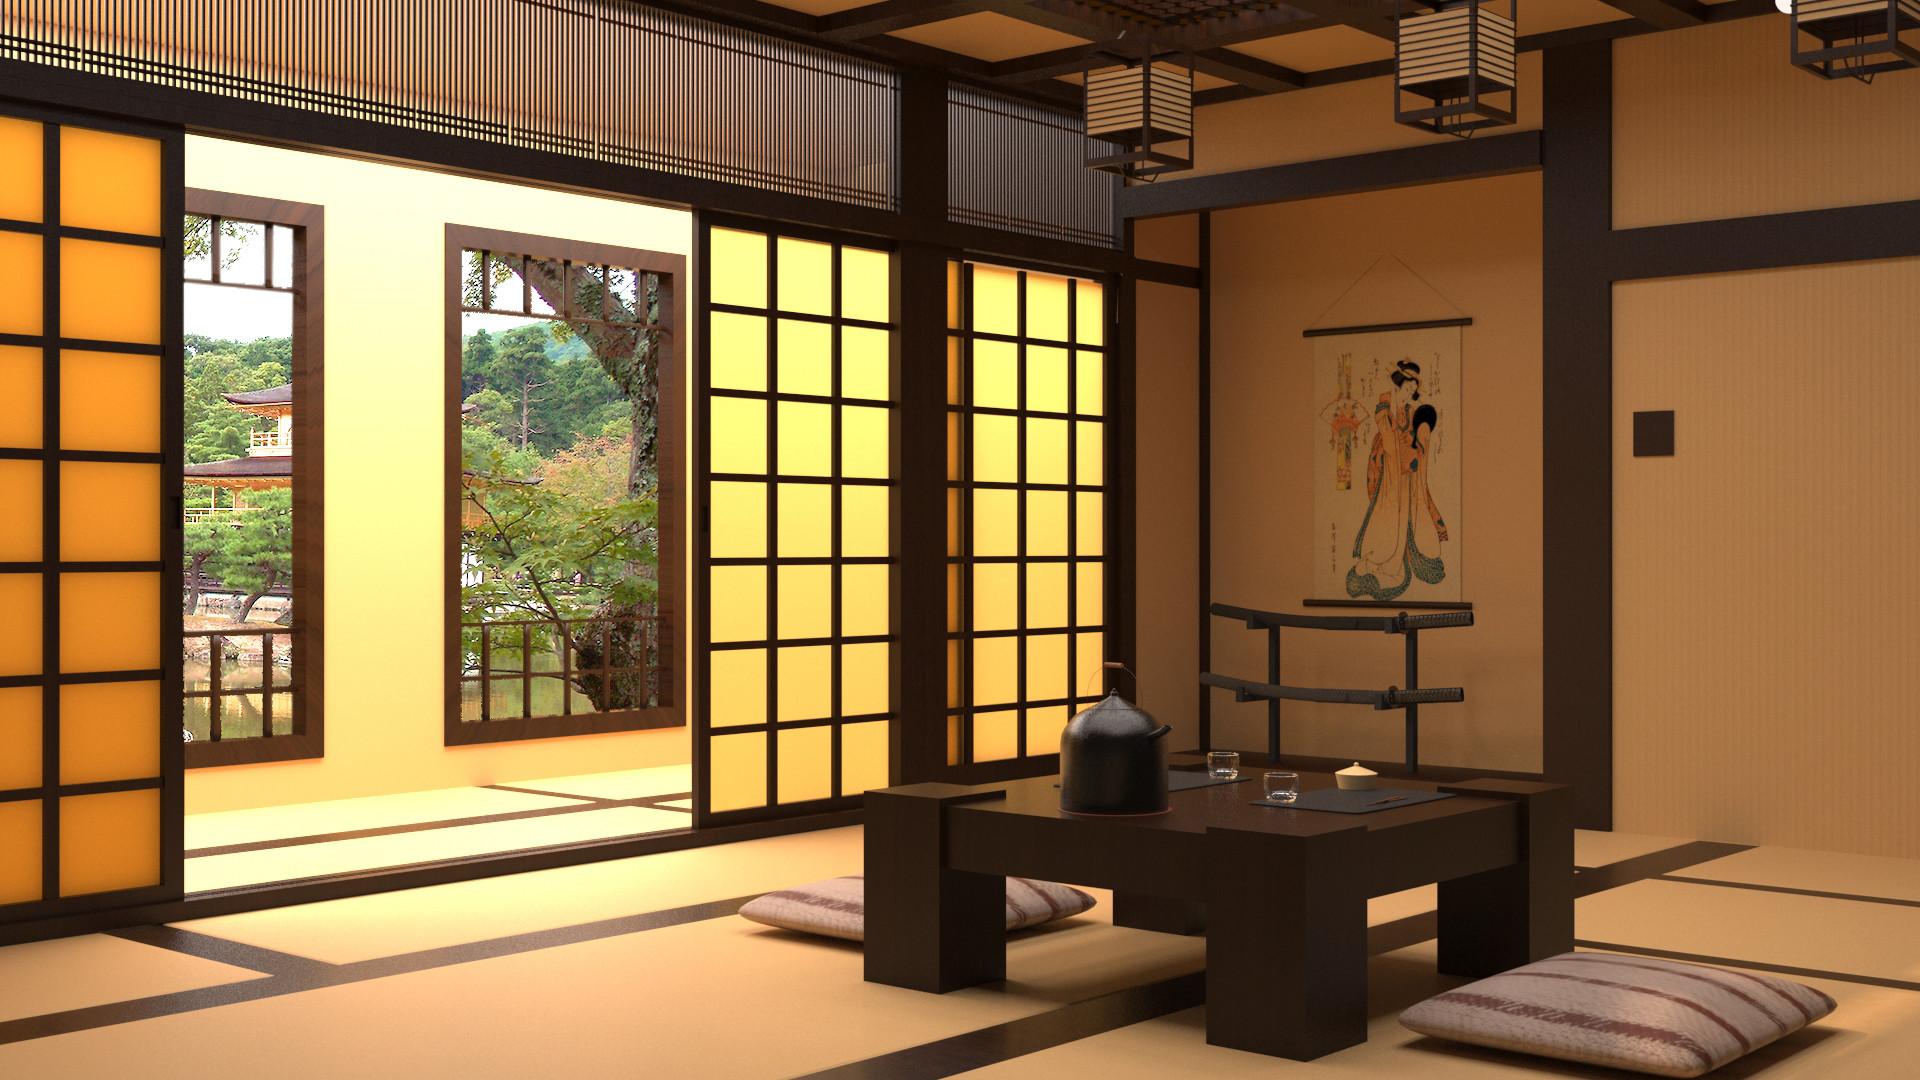 japanese home concept art low budget interior designlex joosen classic japanese roomlex joosen concept art final